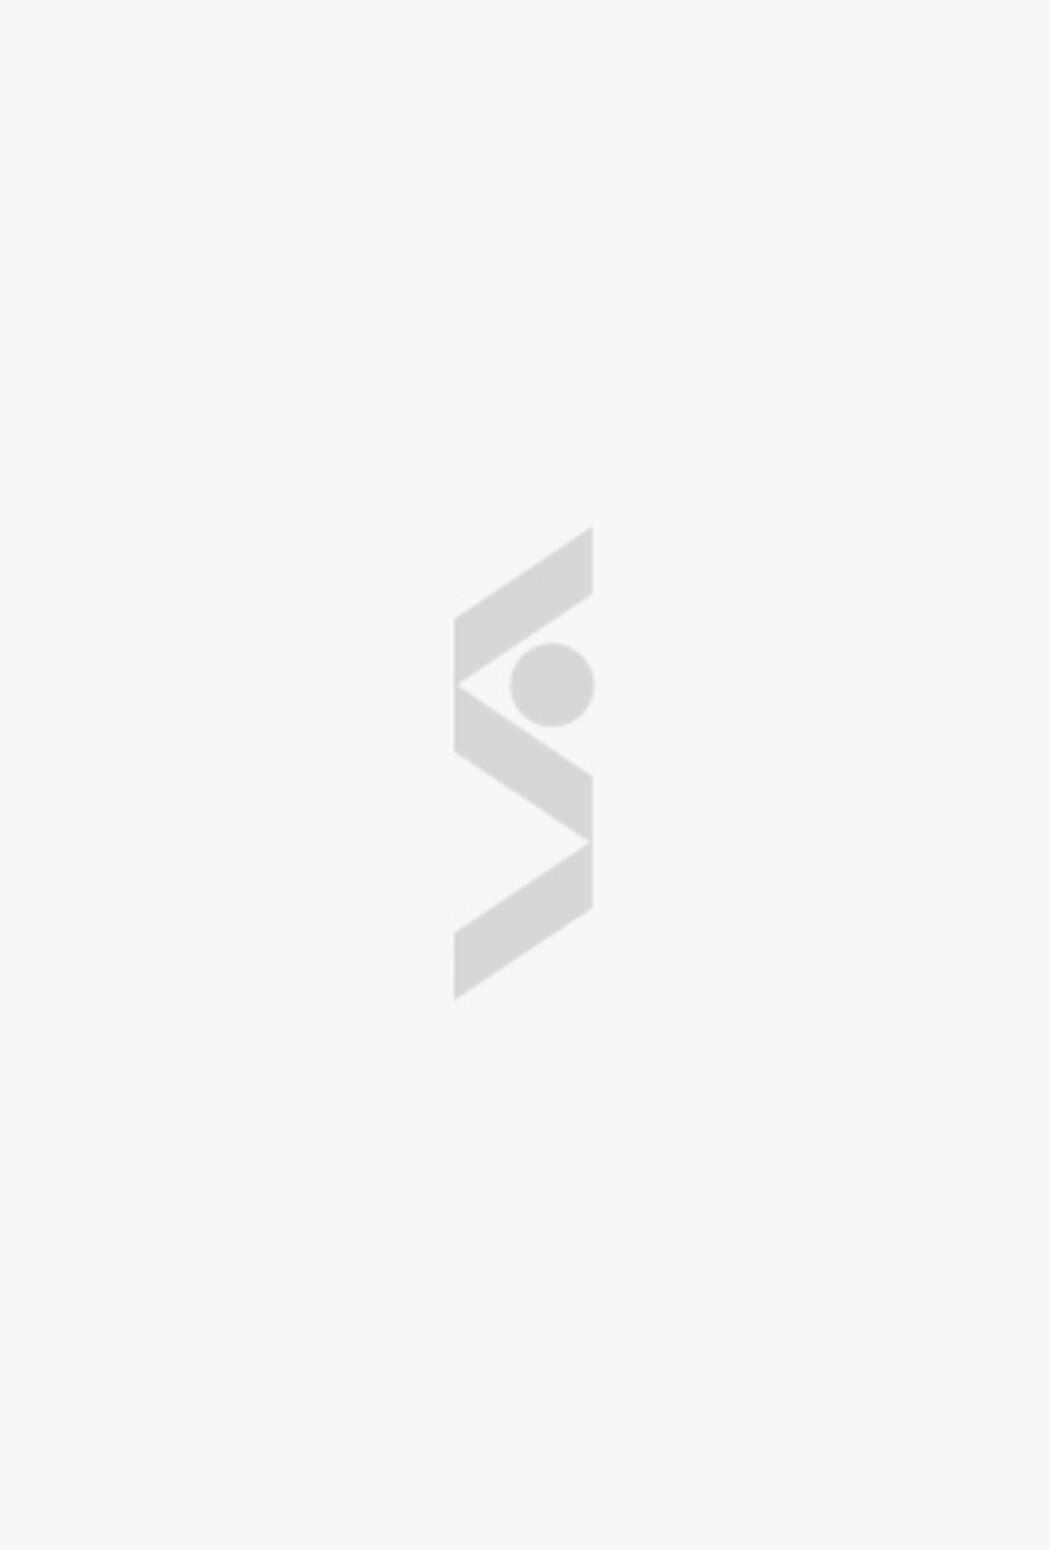 Куртка утепленная с капюшоном Esprit Edc - скоро в продаже в интернет-магазине СТОКМАНН в Москве BAFC85AF-910D-4DEB-A33F-6FEB126D97E3